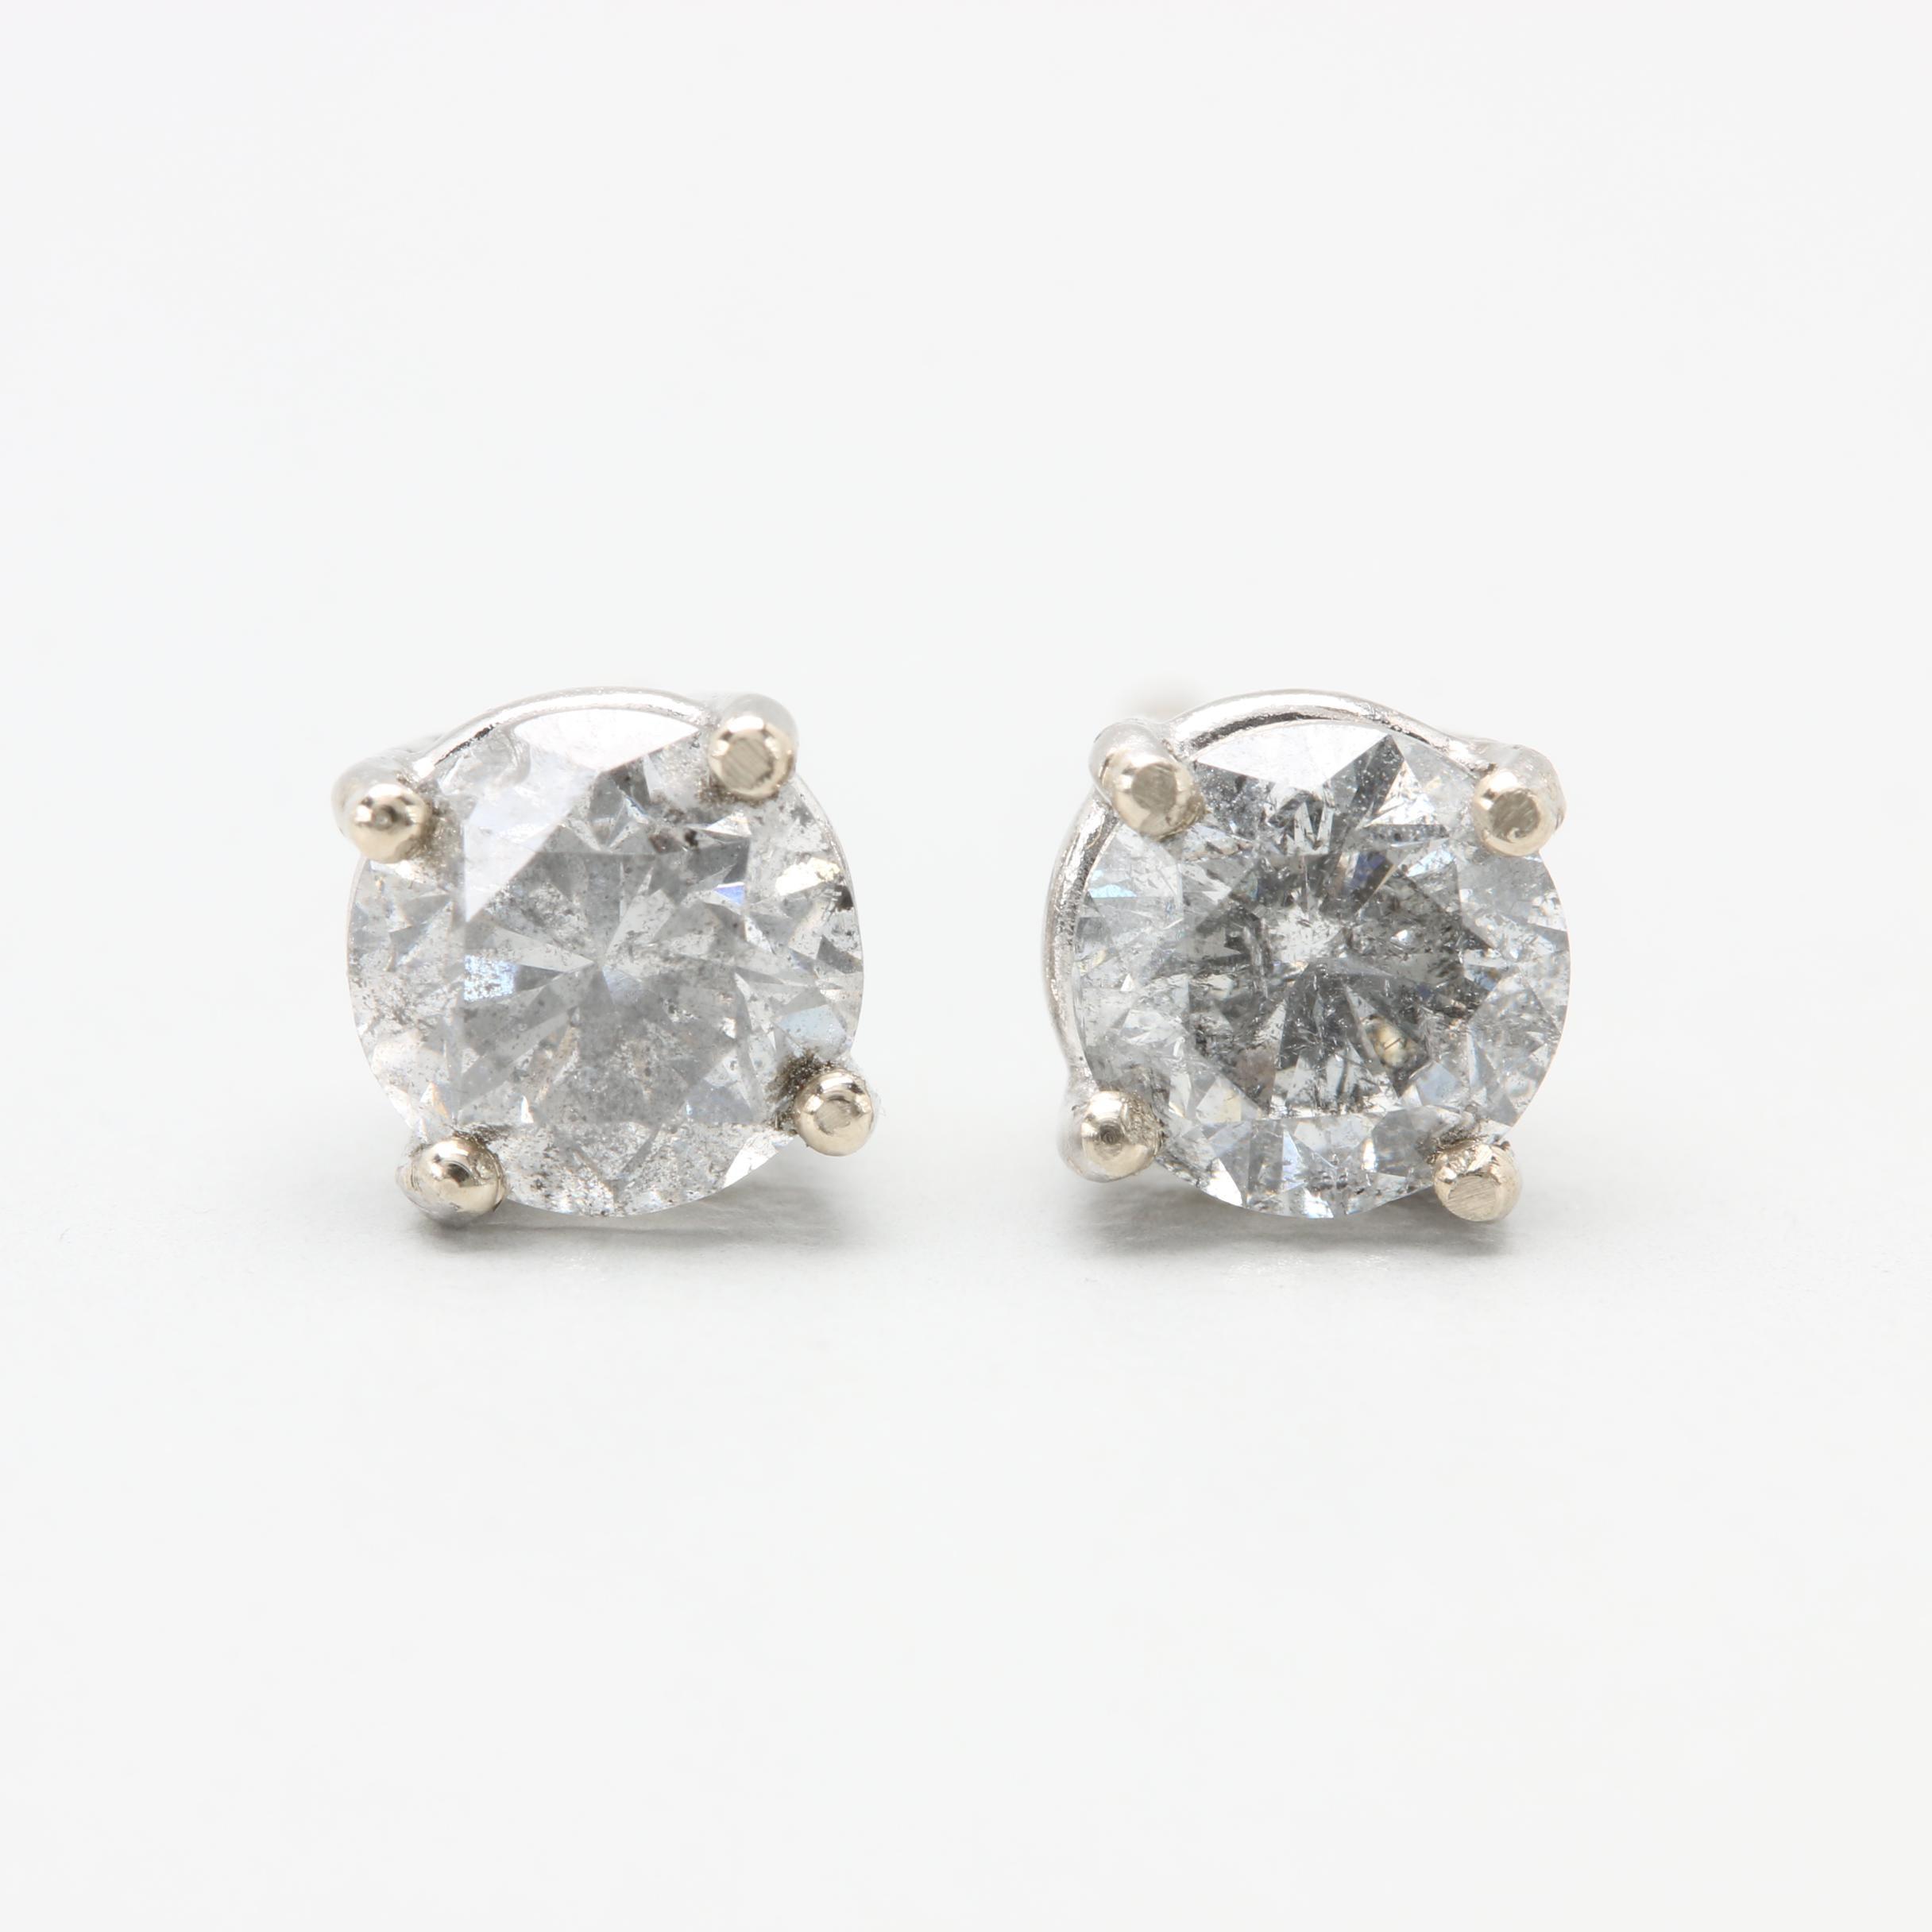 18K White Gold 1.27 CTW Diamond Earrings